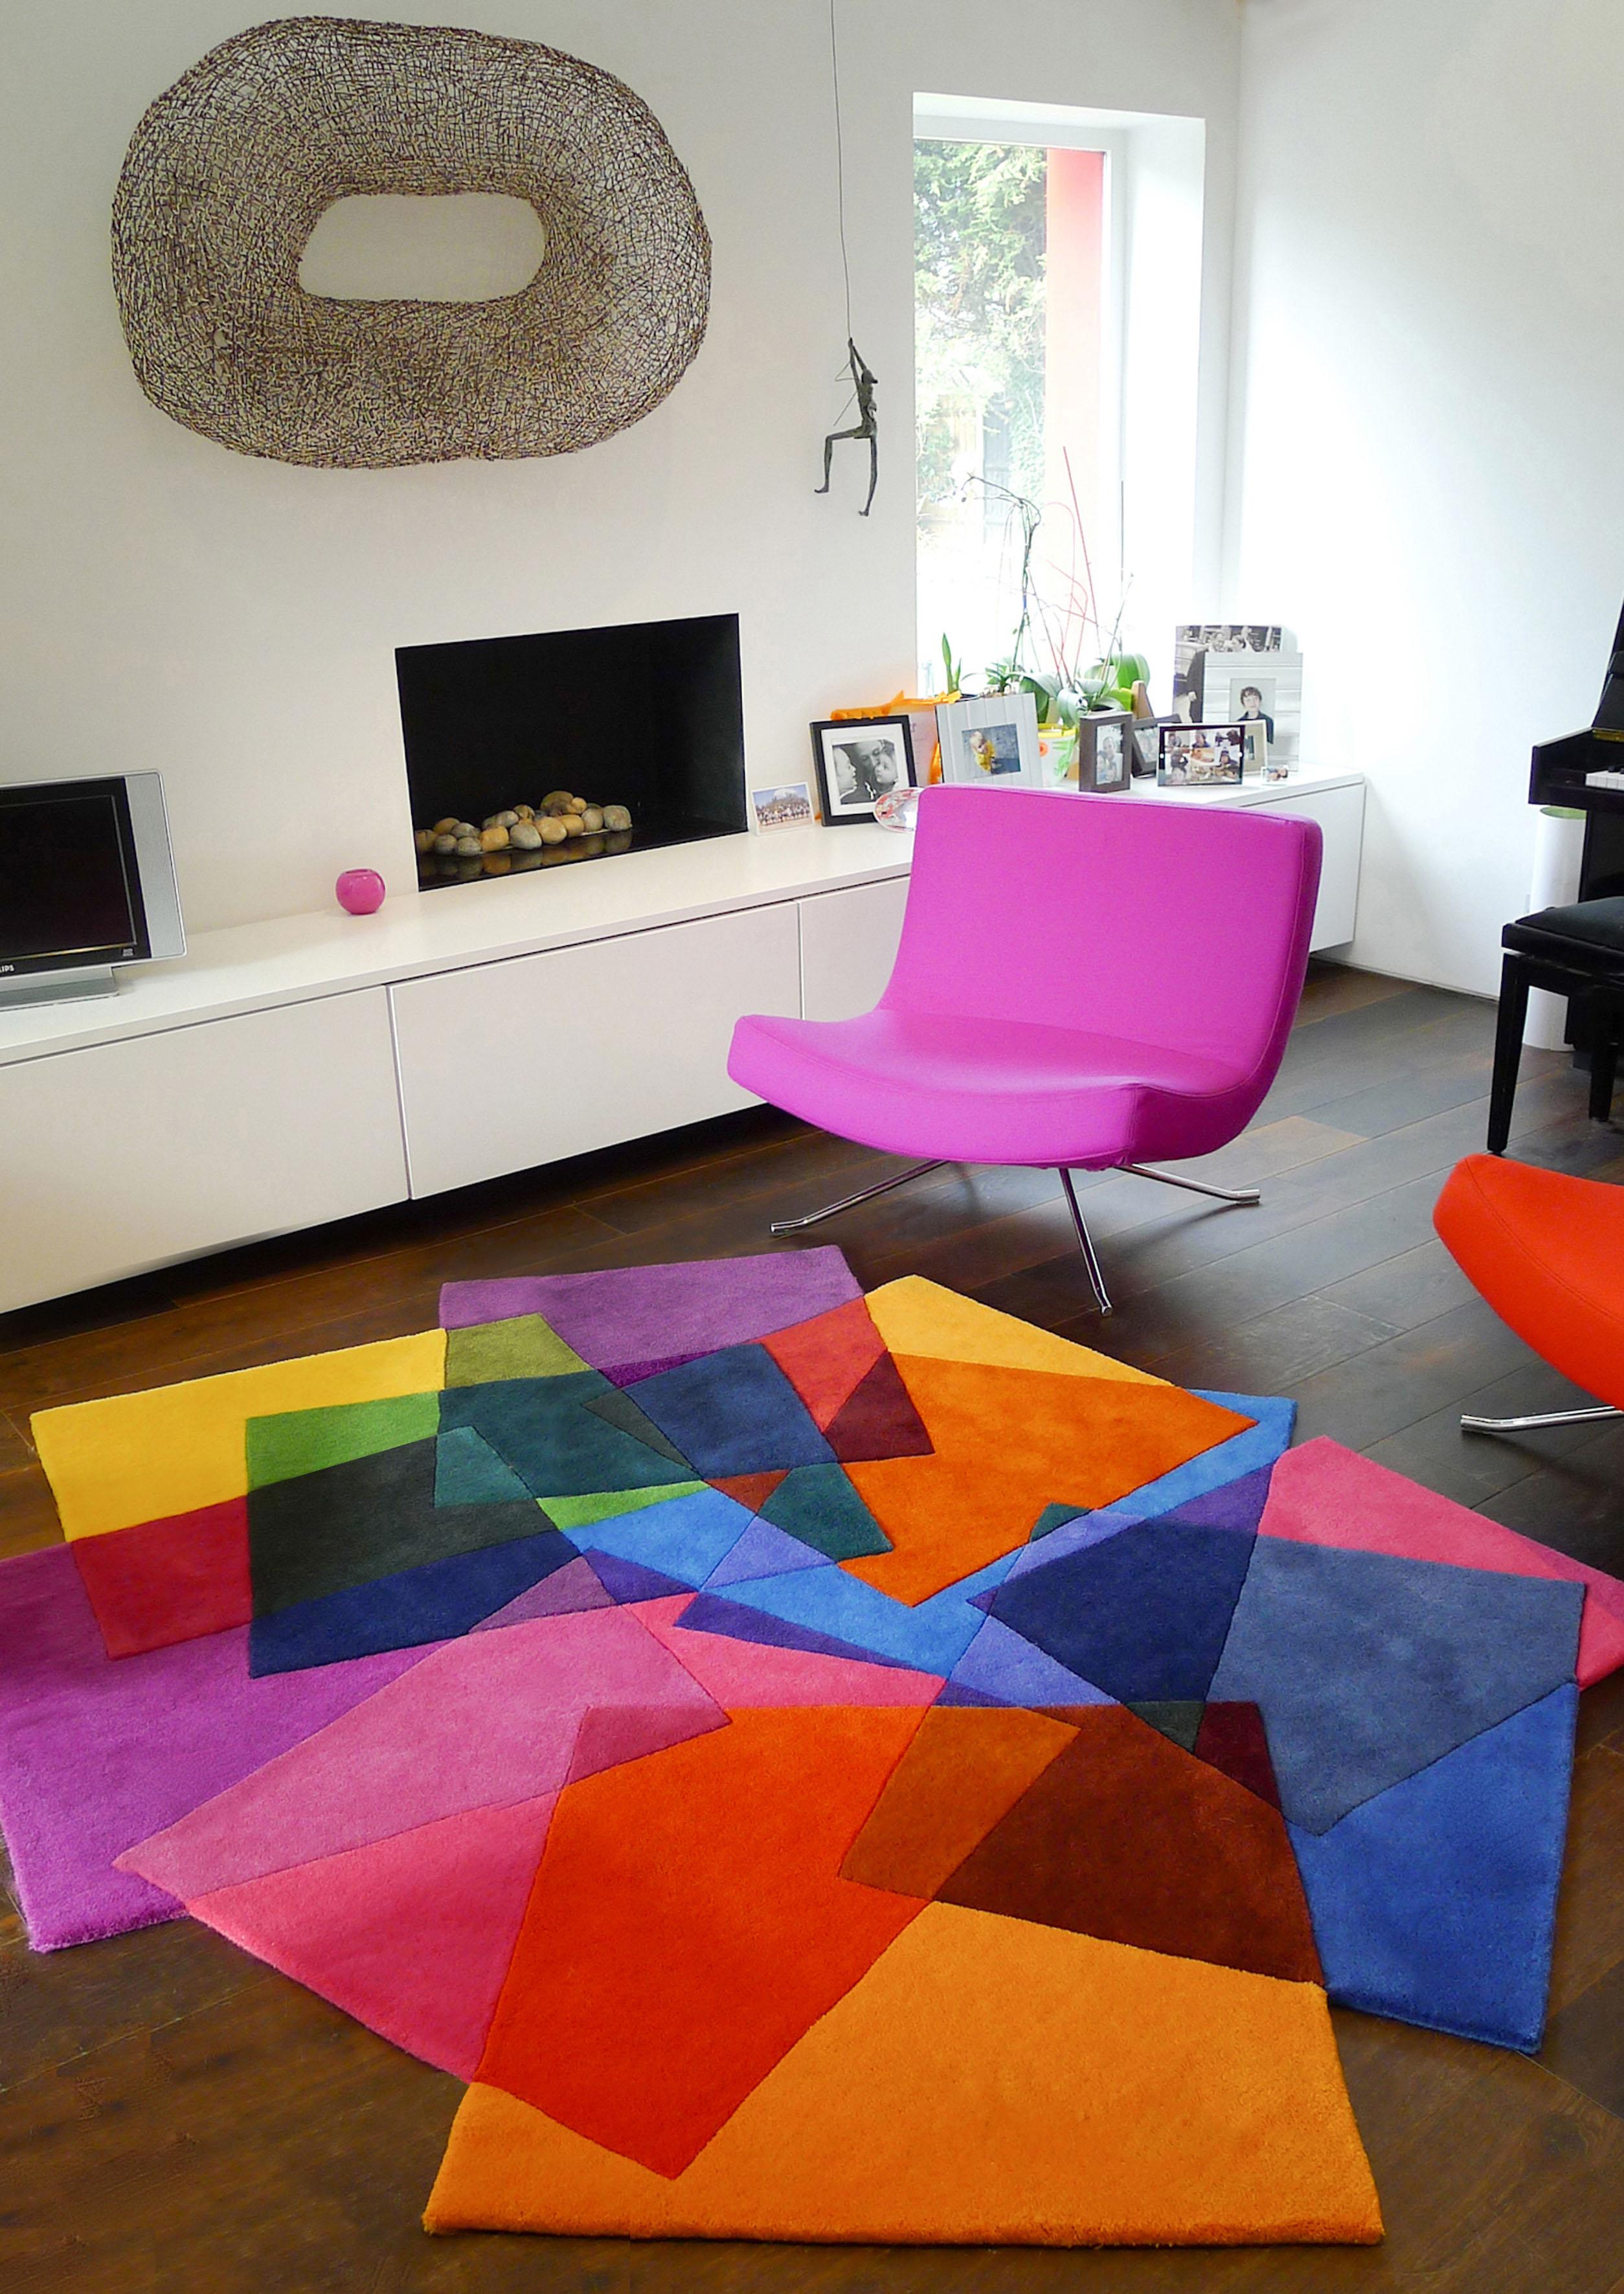 une d coration pleine de g om trie frenchy fancy. Black Bedroom Furniture Sets. Home Design Ideas